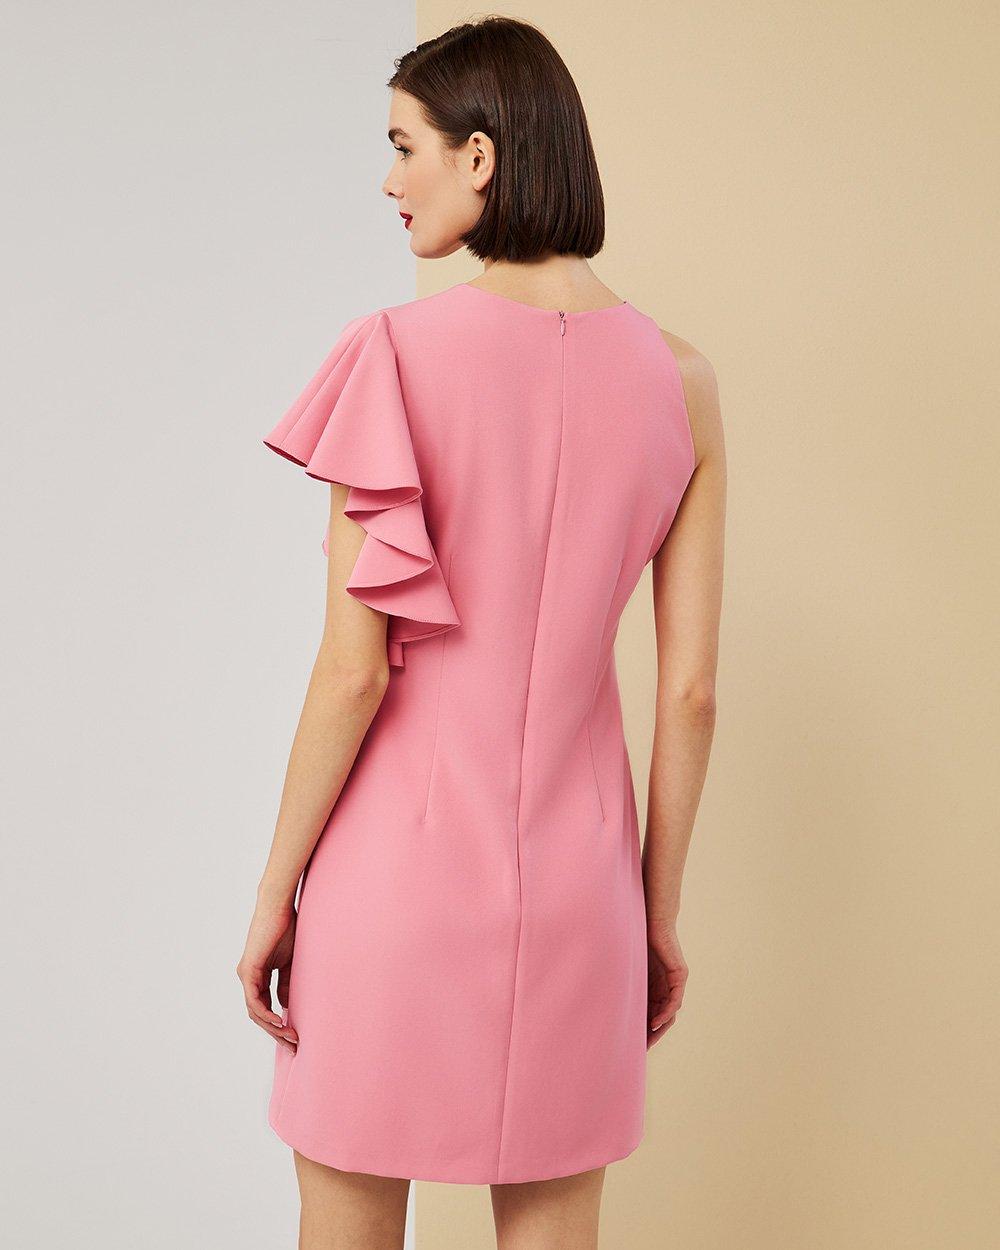 Φόρεμα με ένα μανίκι